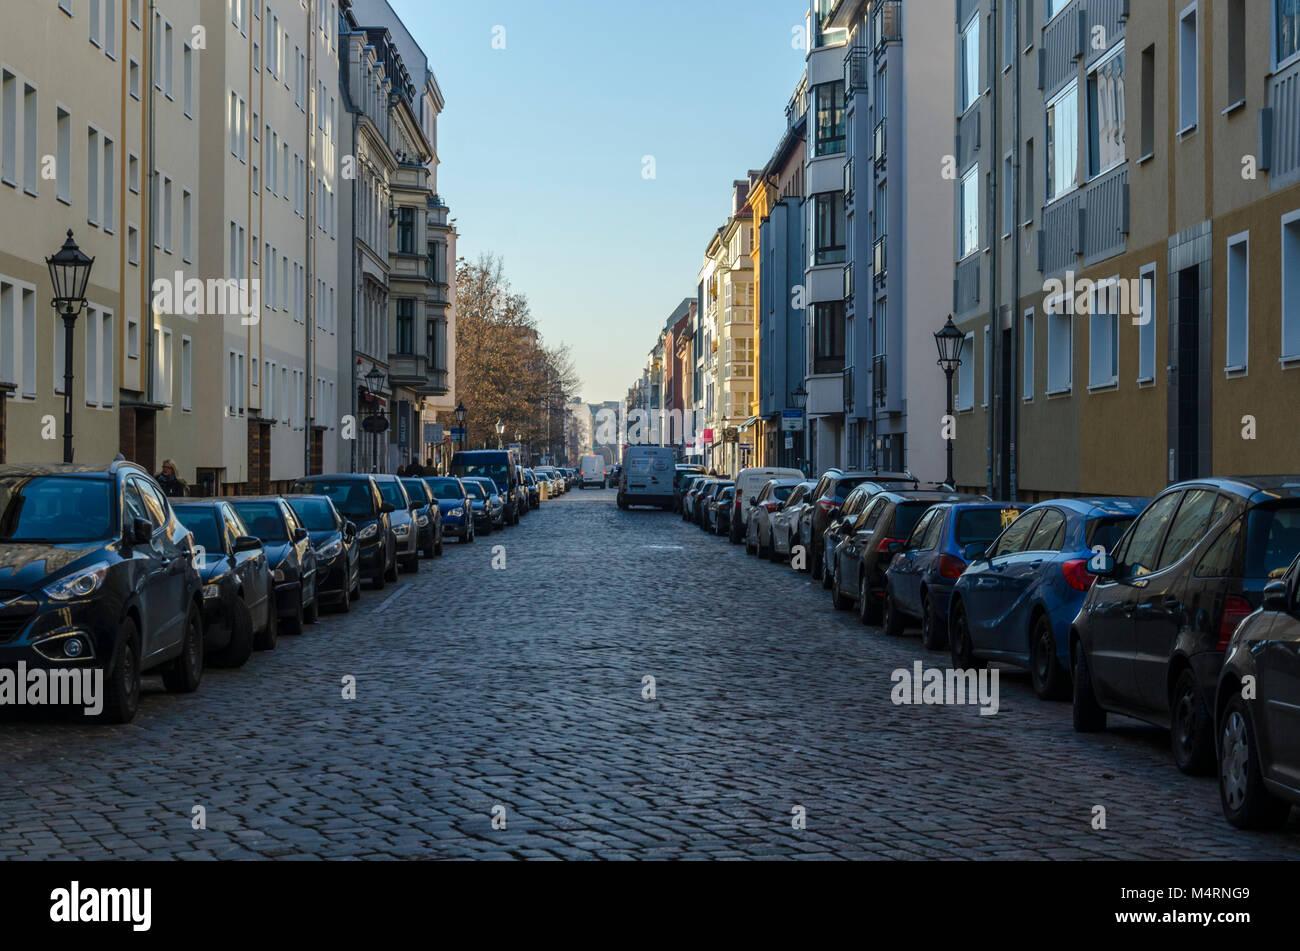 Voitures garées dans une rue pavée à Berlin, Allemagne Photo Stock